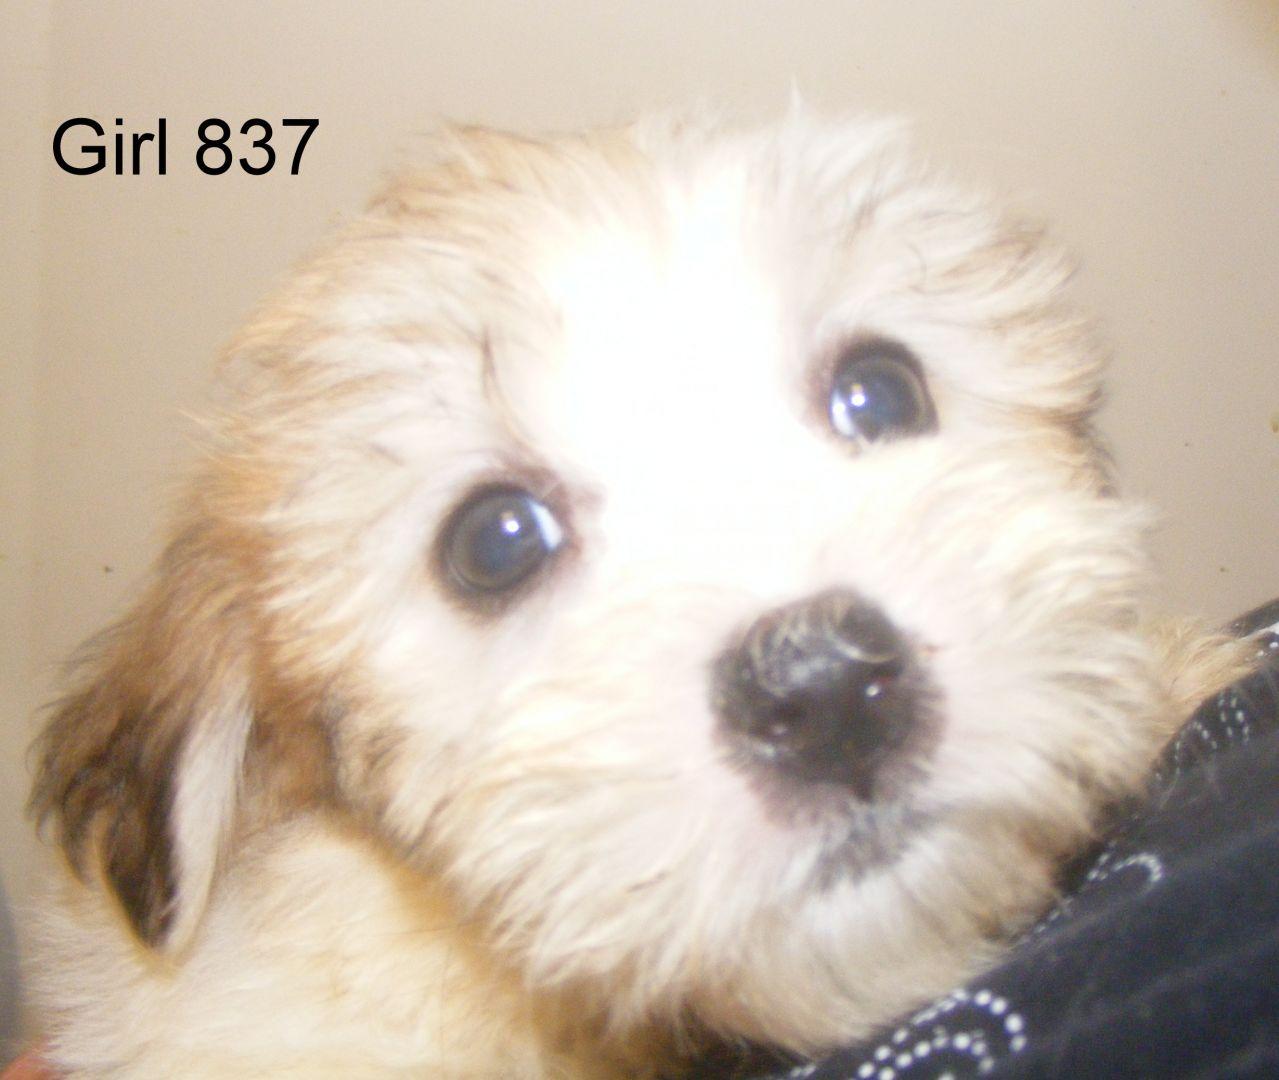 Coton de Tulear Puppies: Coton Cotontastick Coton De Tulear Puppies Doncaster Breed